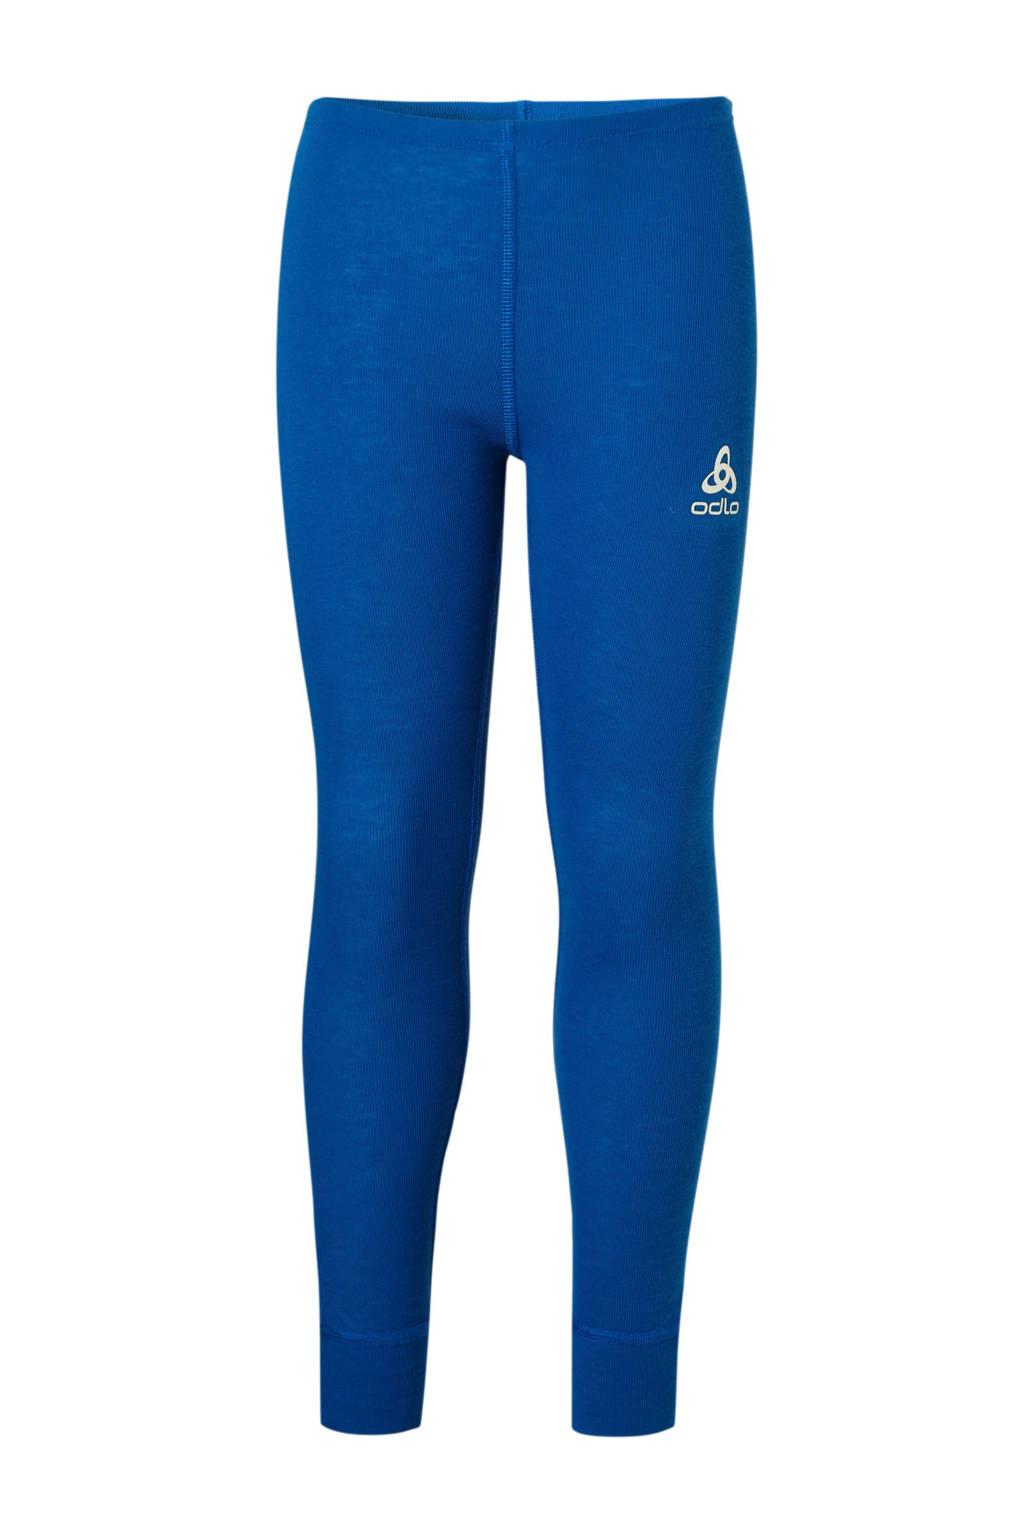 Odlo thermo sportbroek kobaltblauw, Kobaltblauw